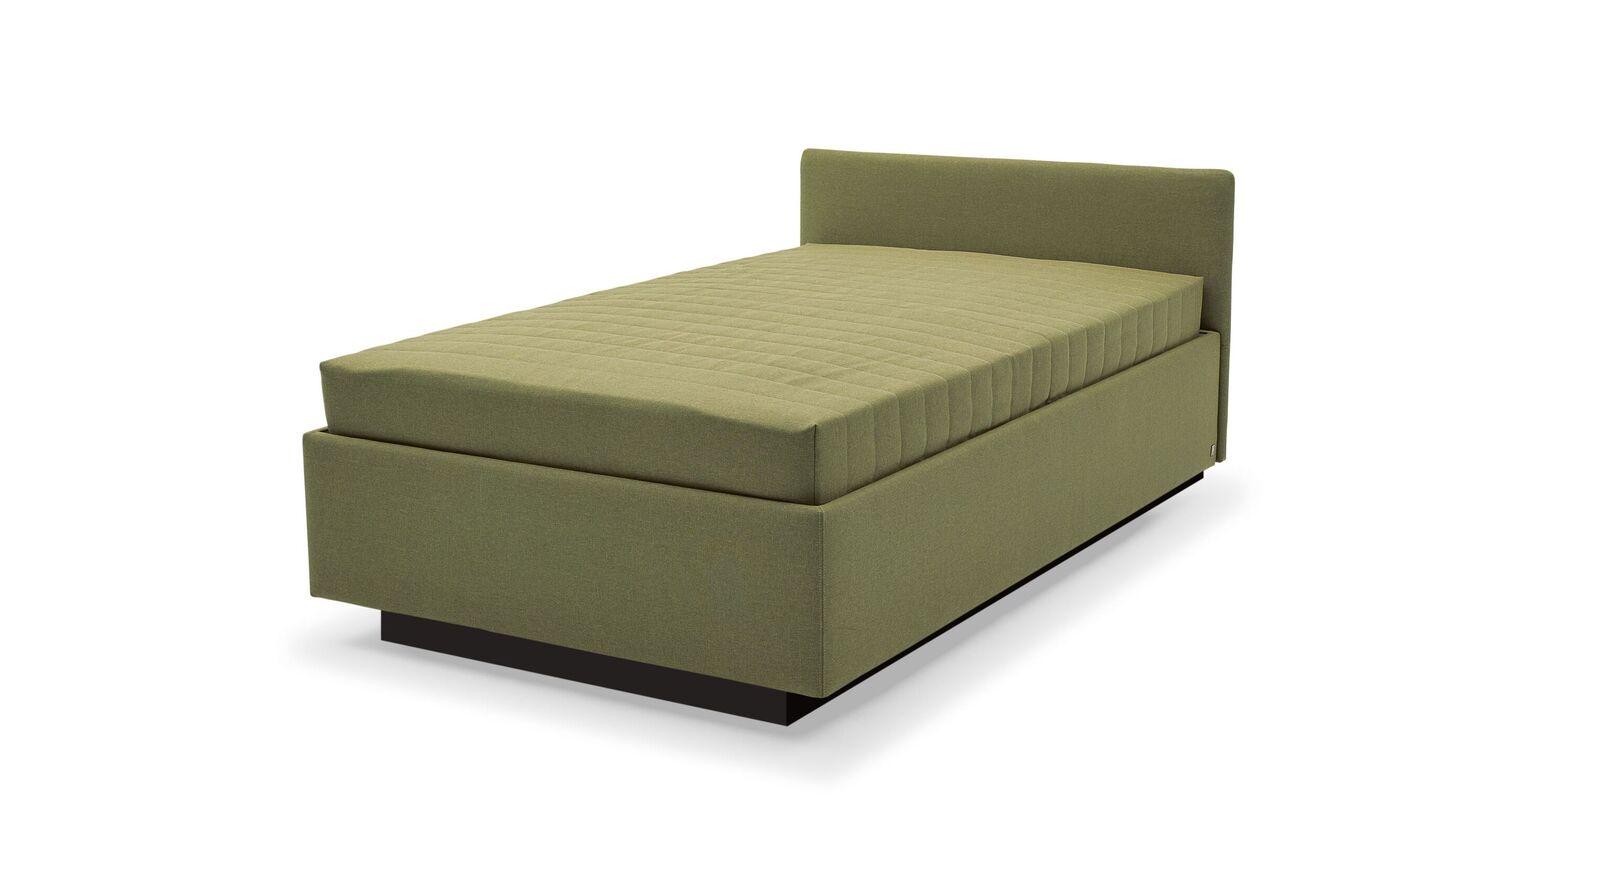 MUSTERRING Relaxliege Elpaso mit Sockel und Bettkasten